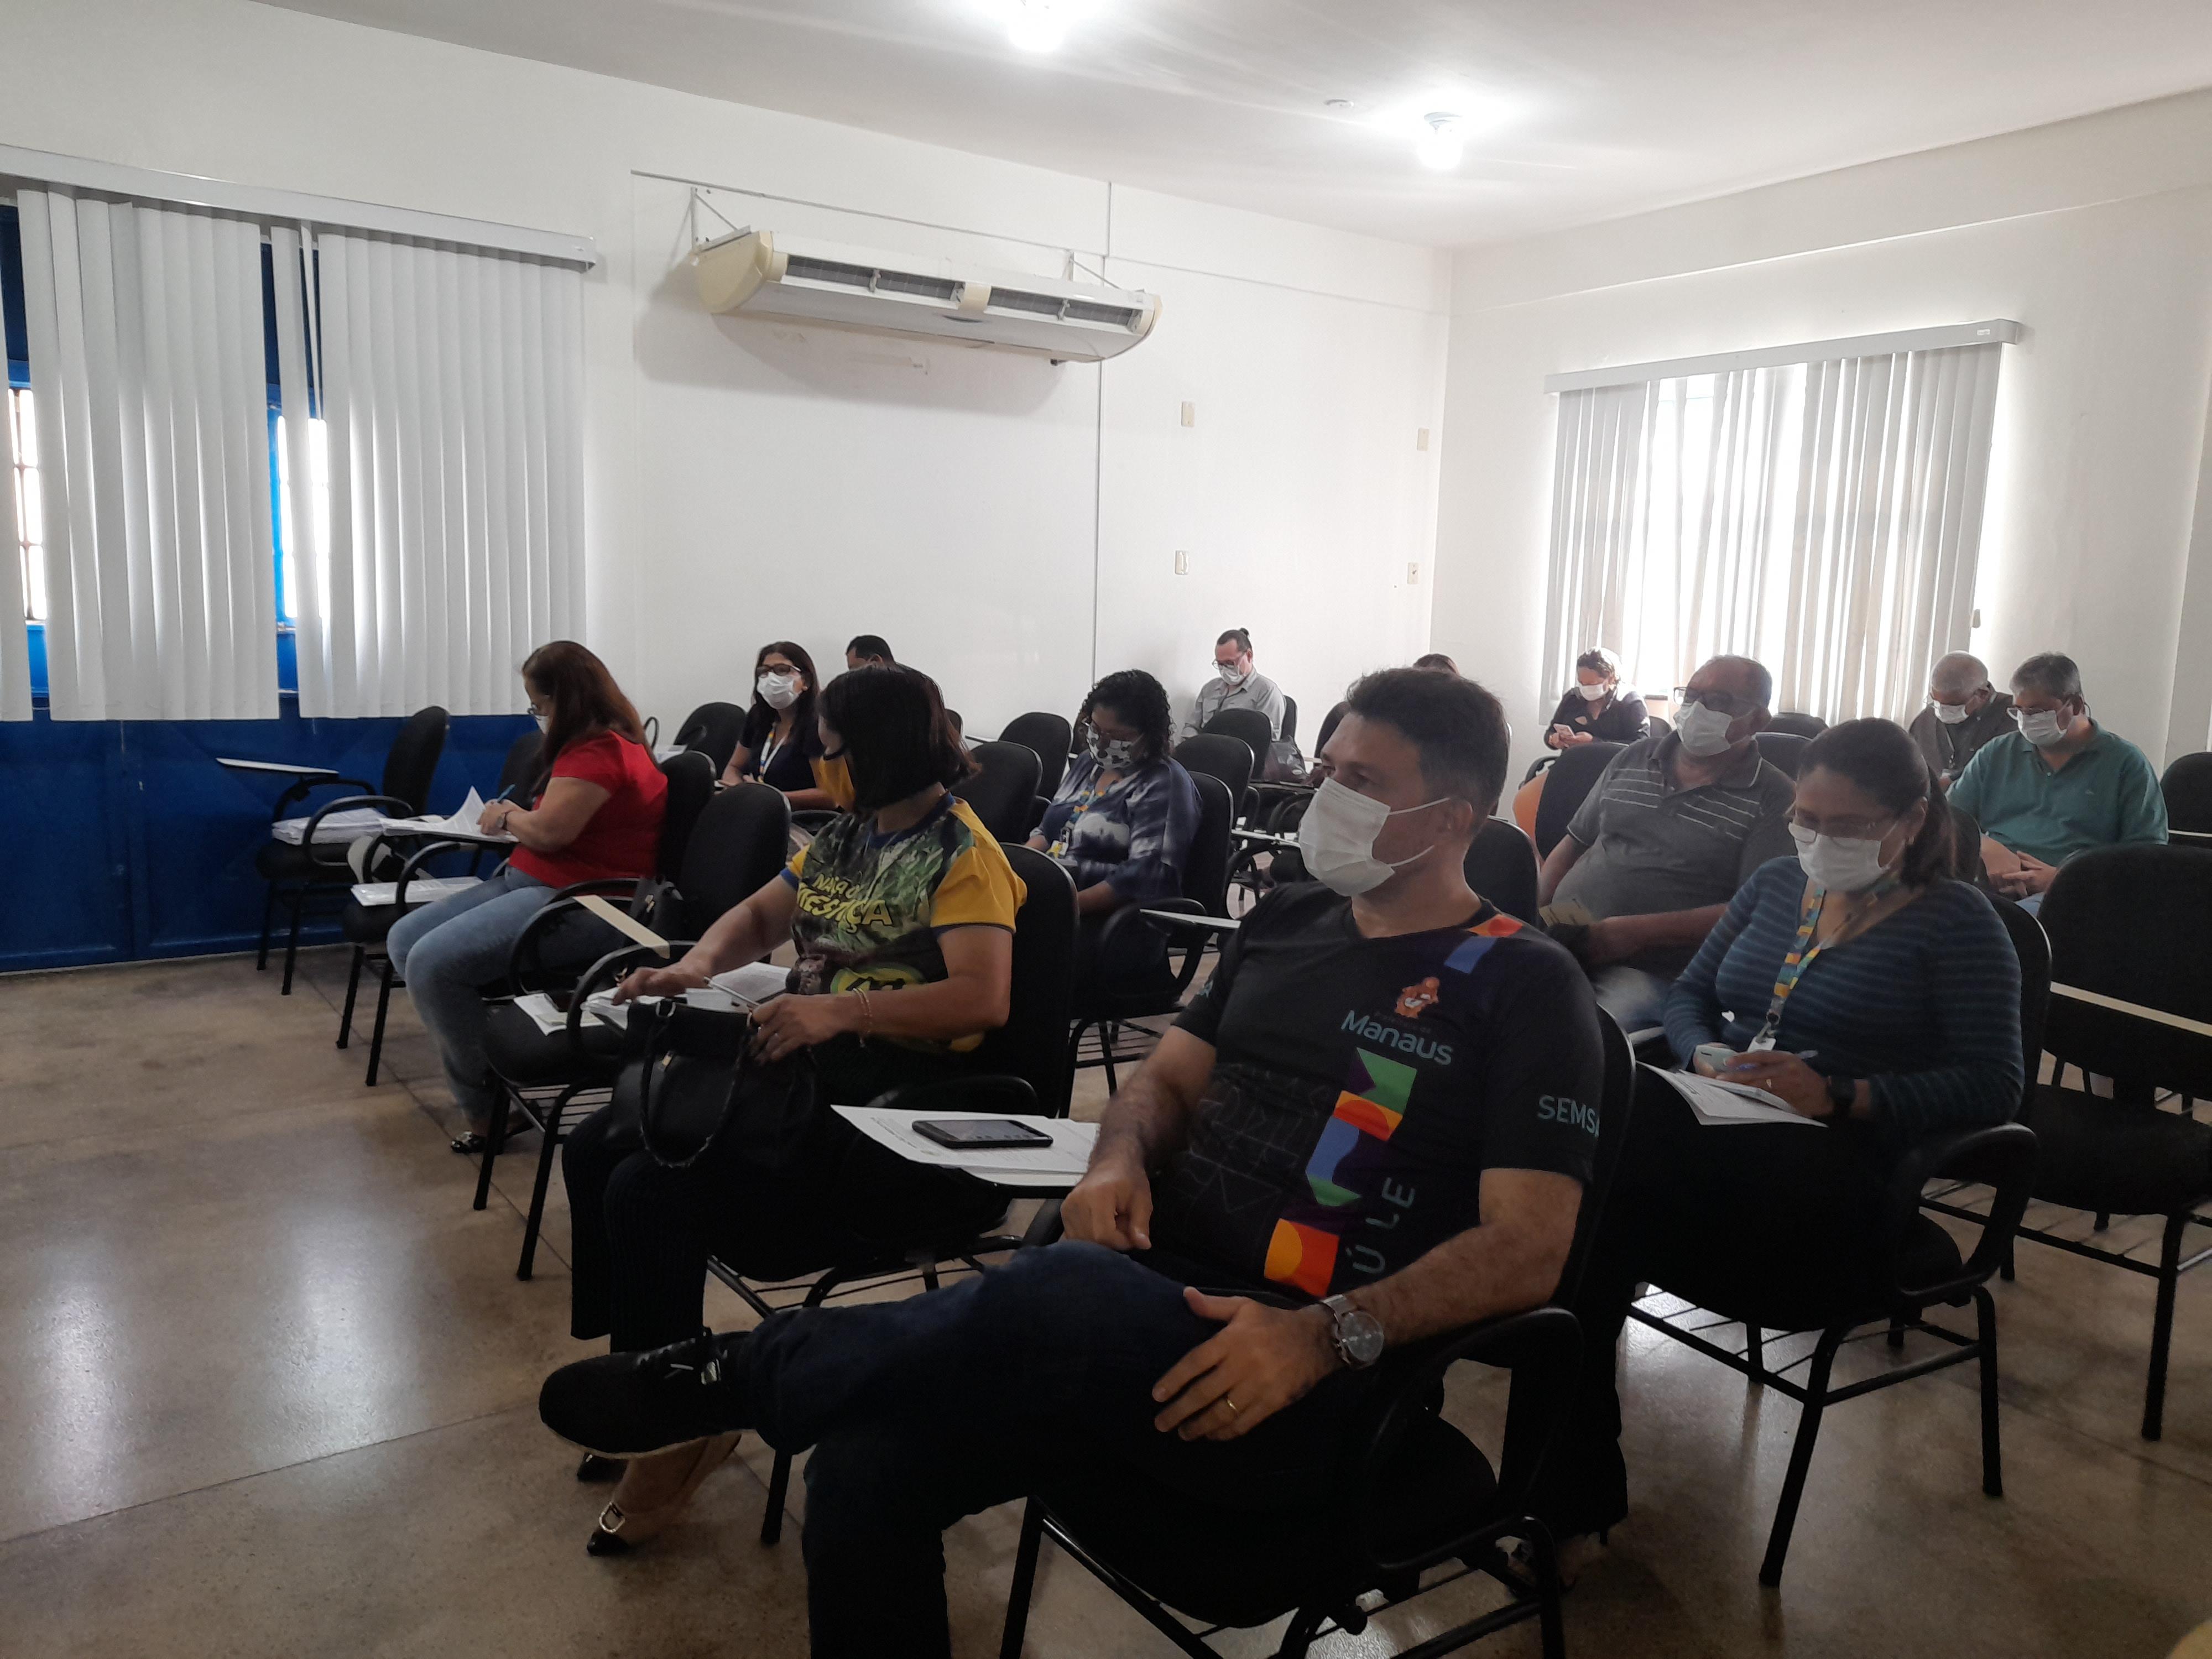 Fotos - Divulgação / Semsa